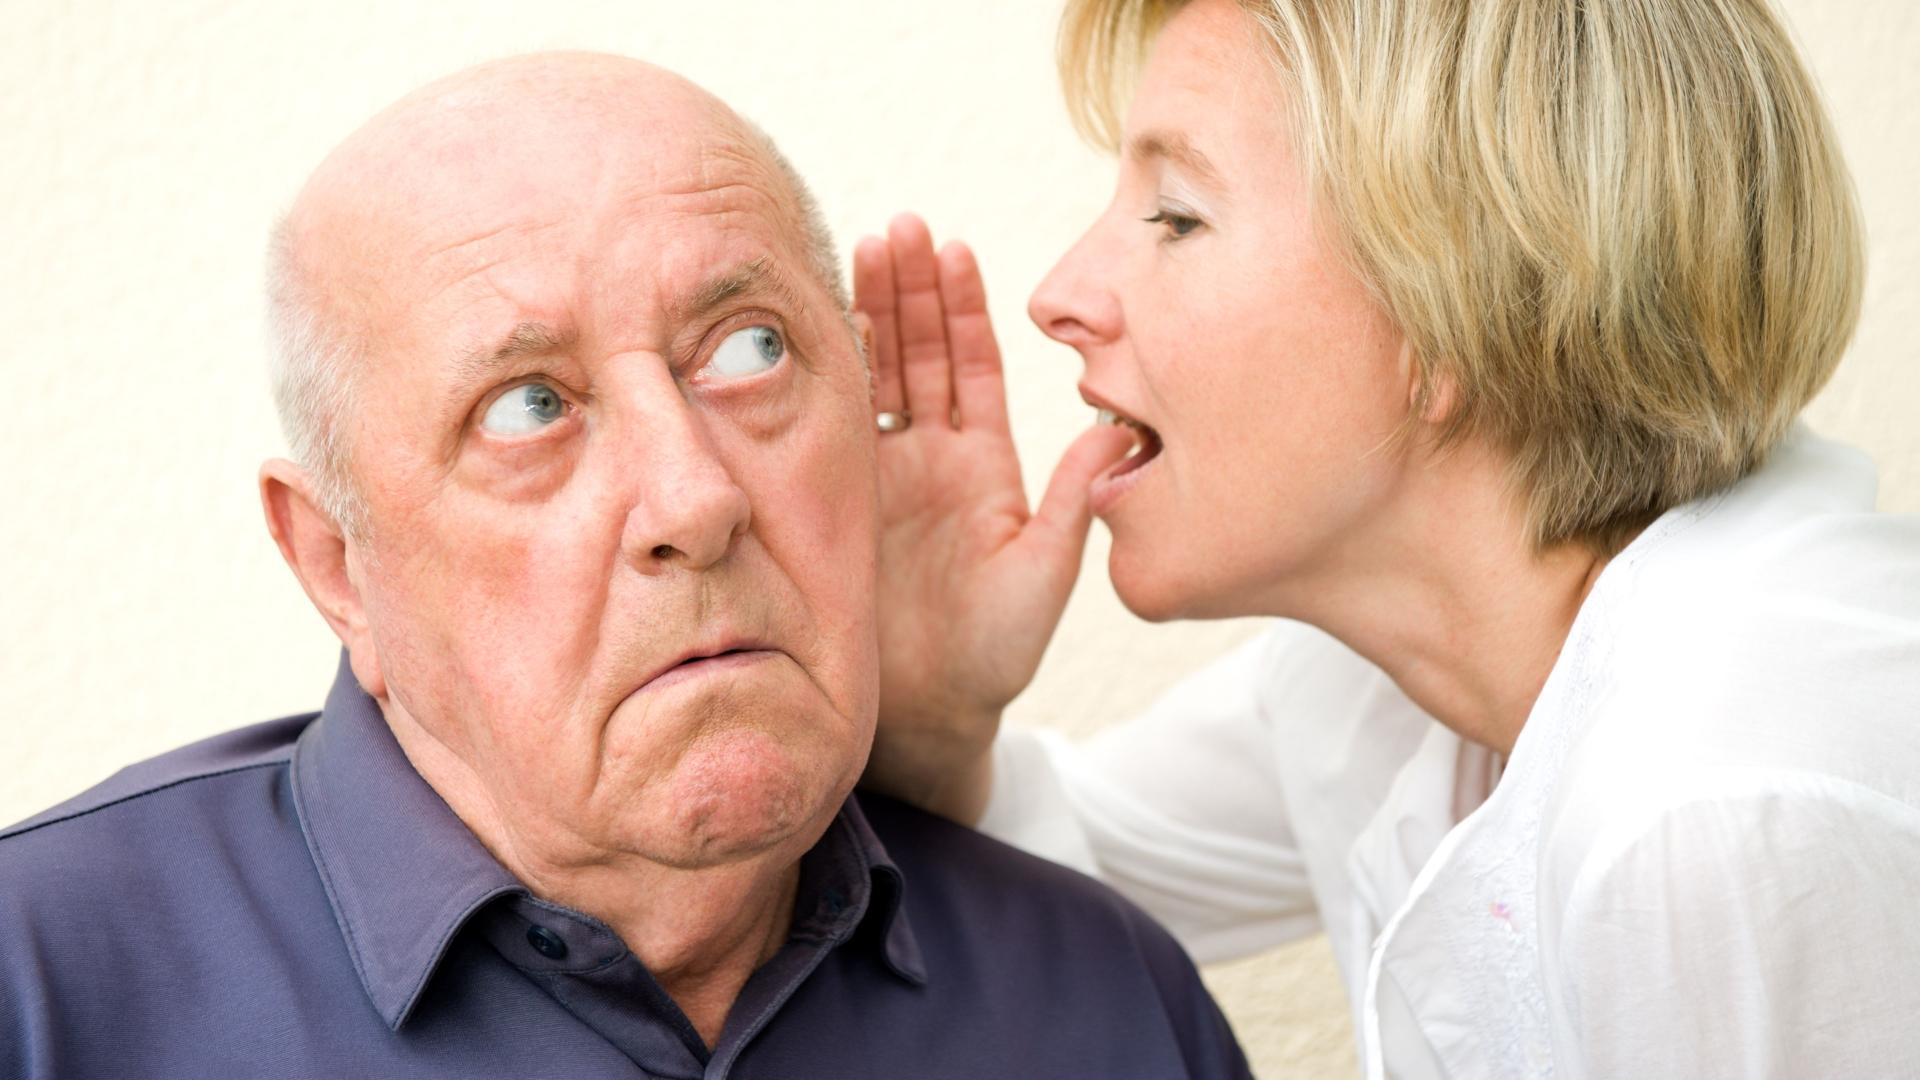 Потеря слуха в пожилом возрасте может развиваться по генетическим причинам